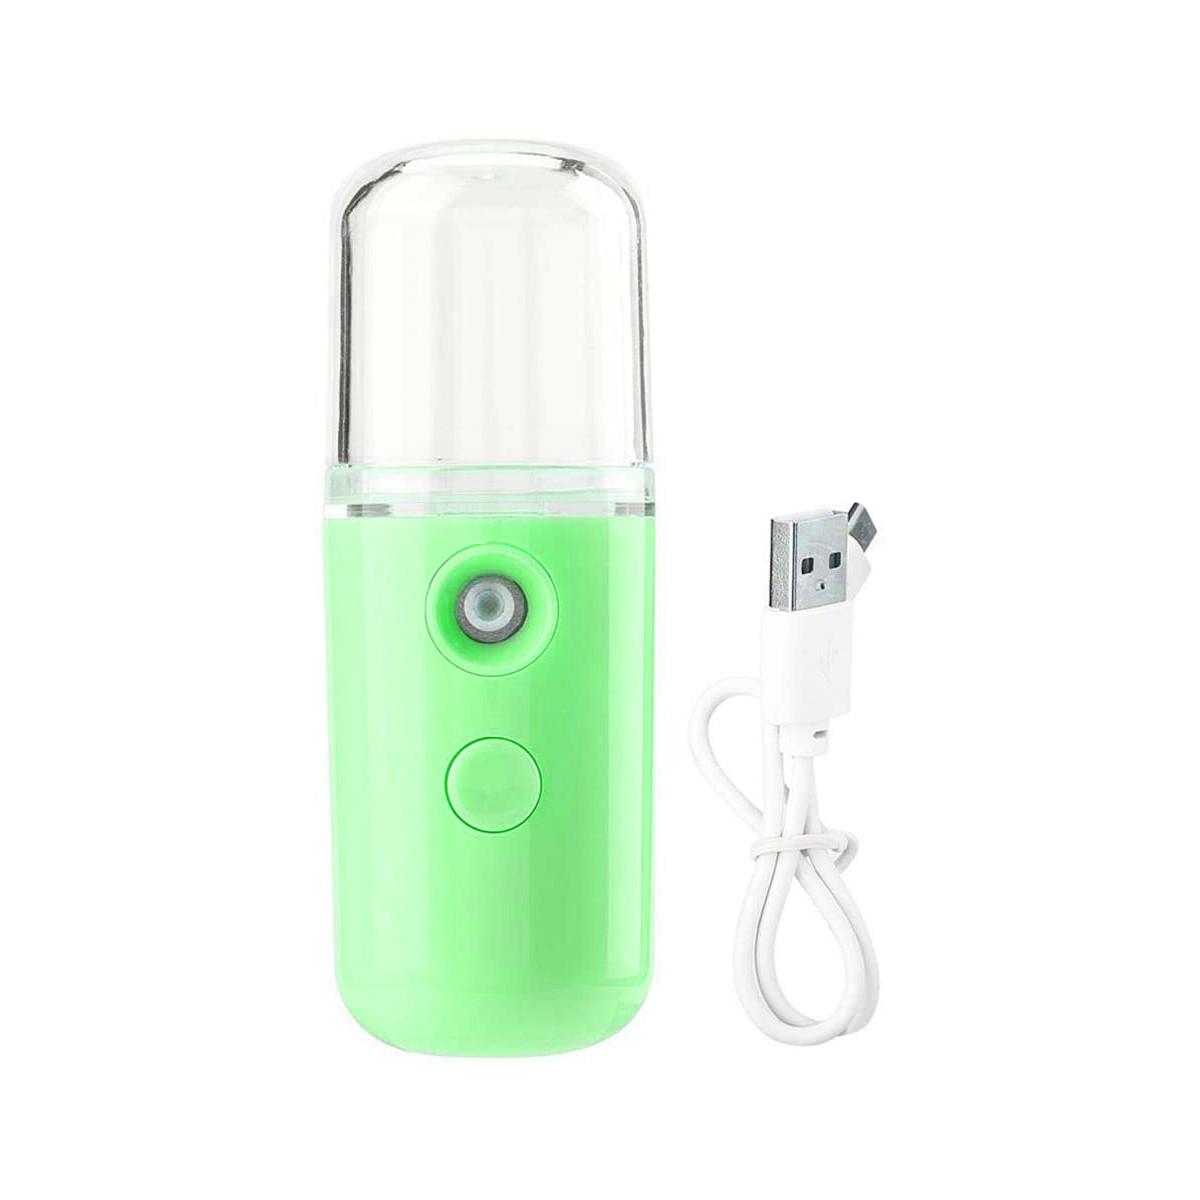 Nano Mister Spray Vaporizador Facial E Cilios Usb Verde